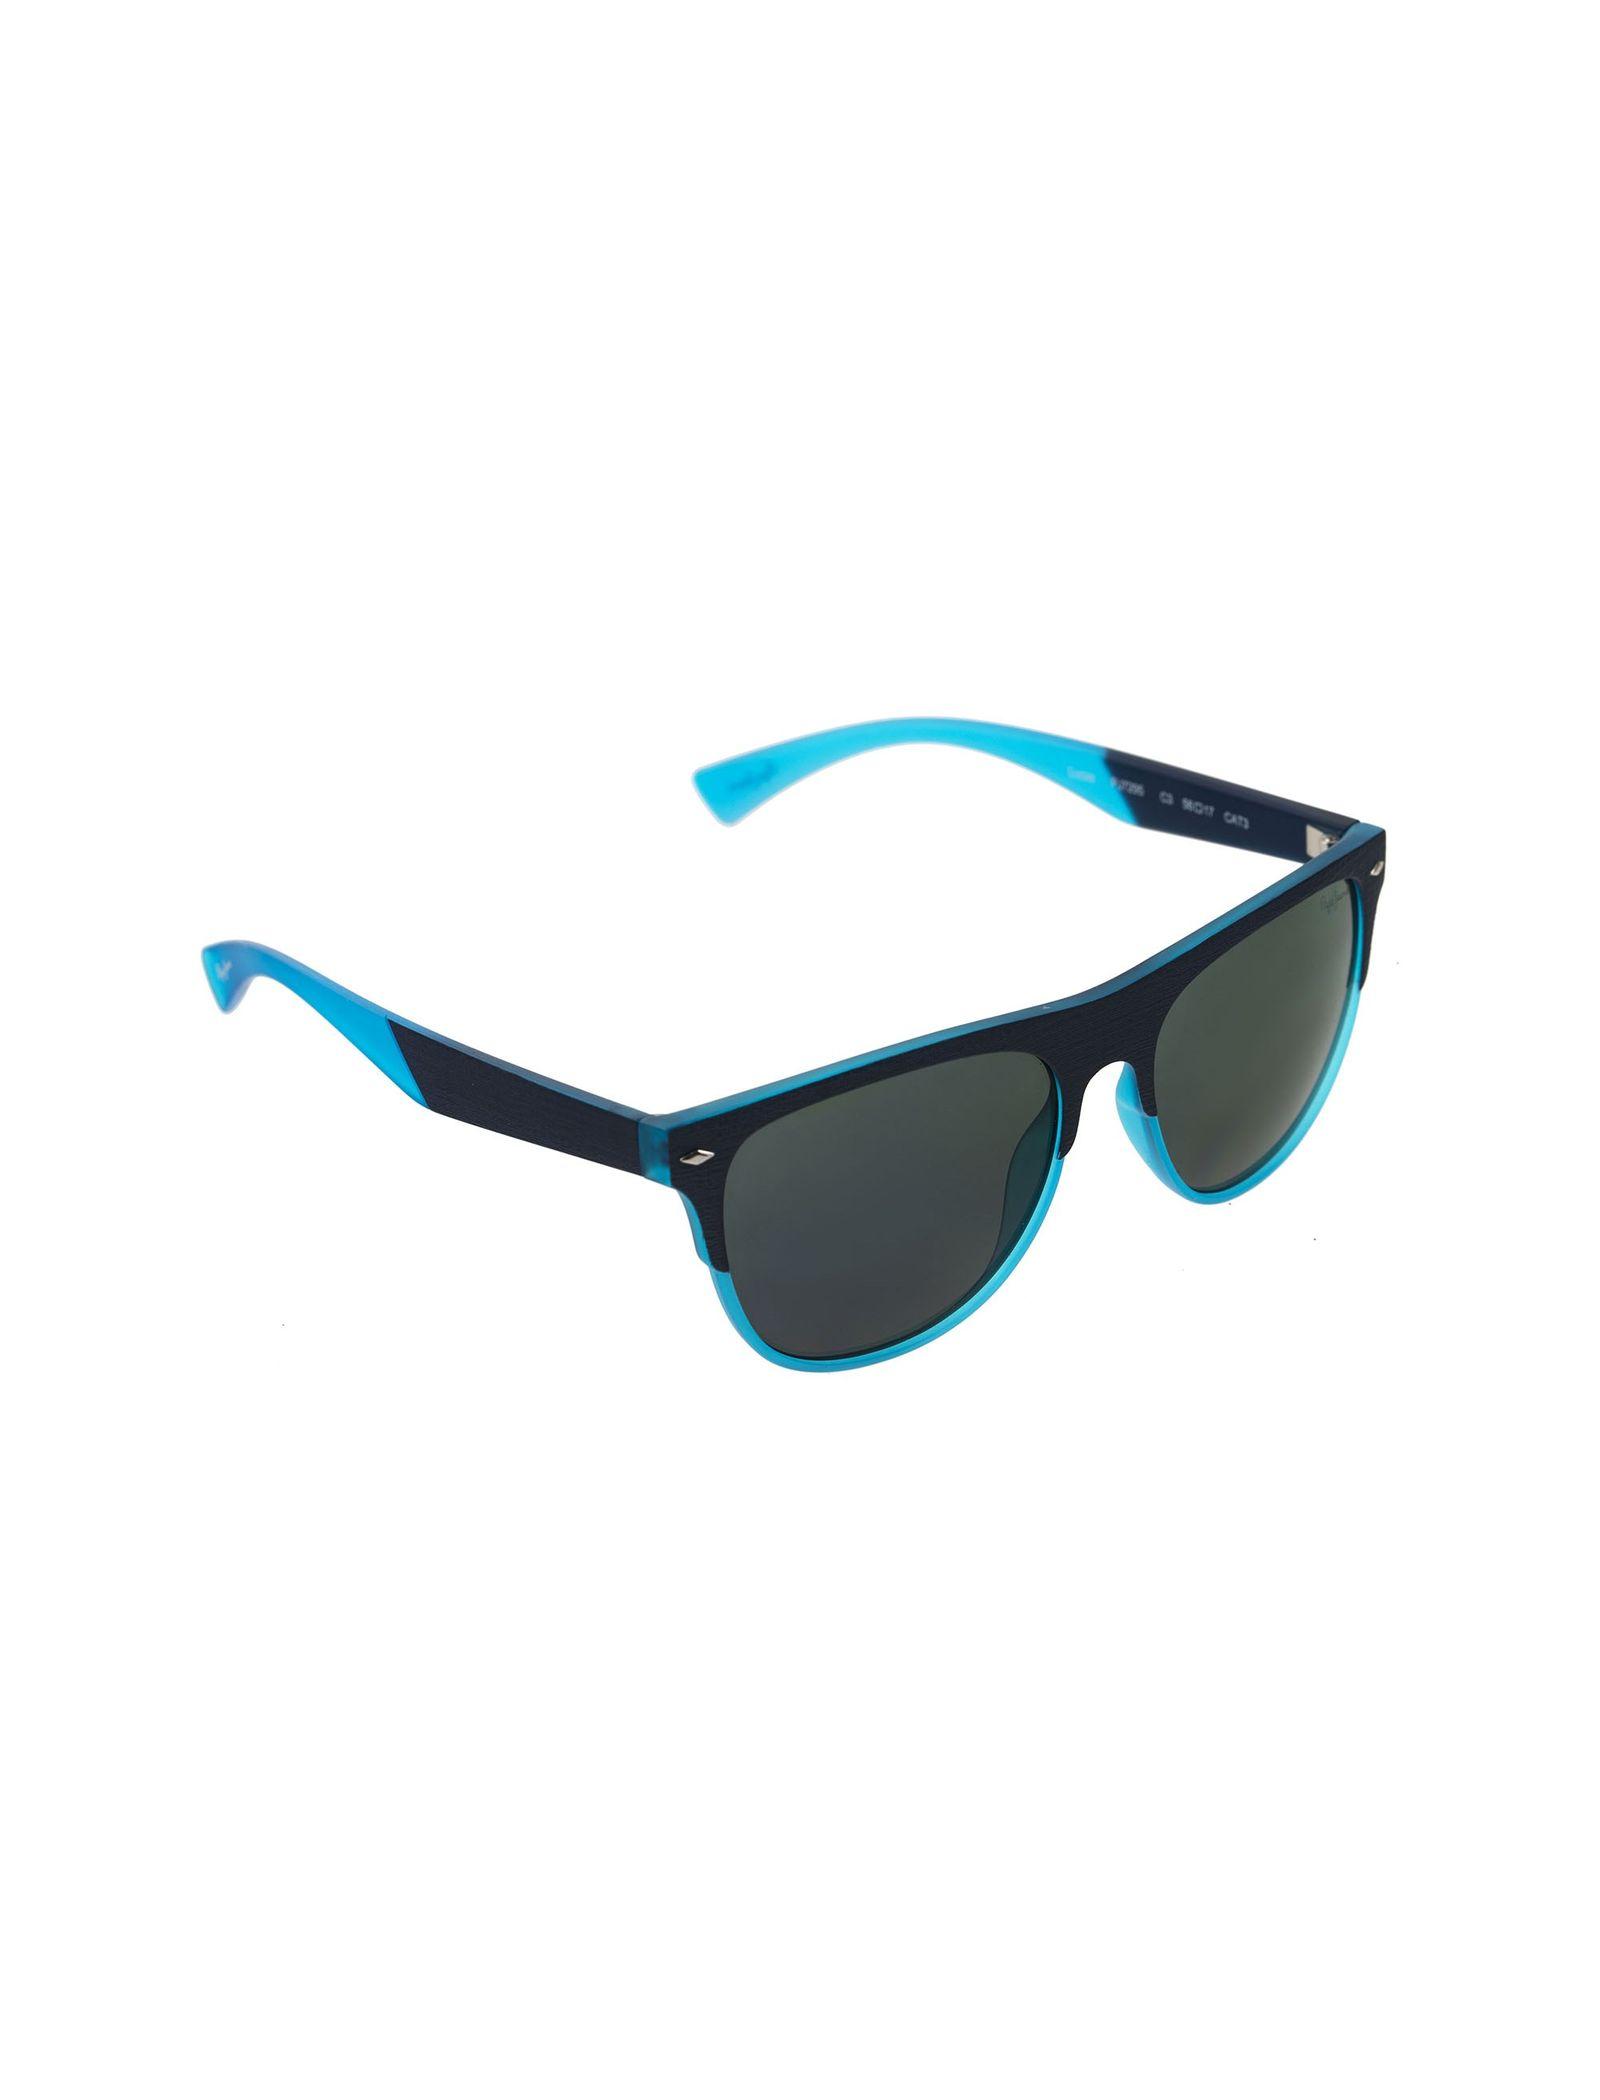 عینک آفتابی خلبانی مردانه - پپه جینز - سرمه اي - 2